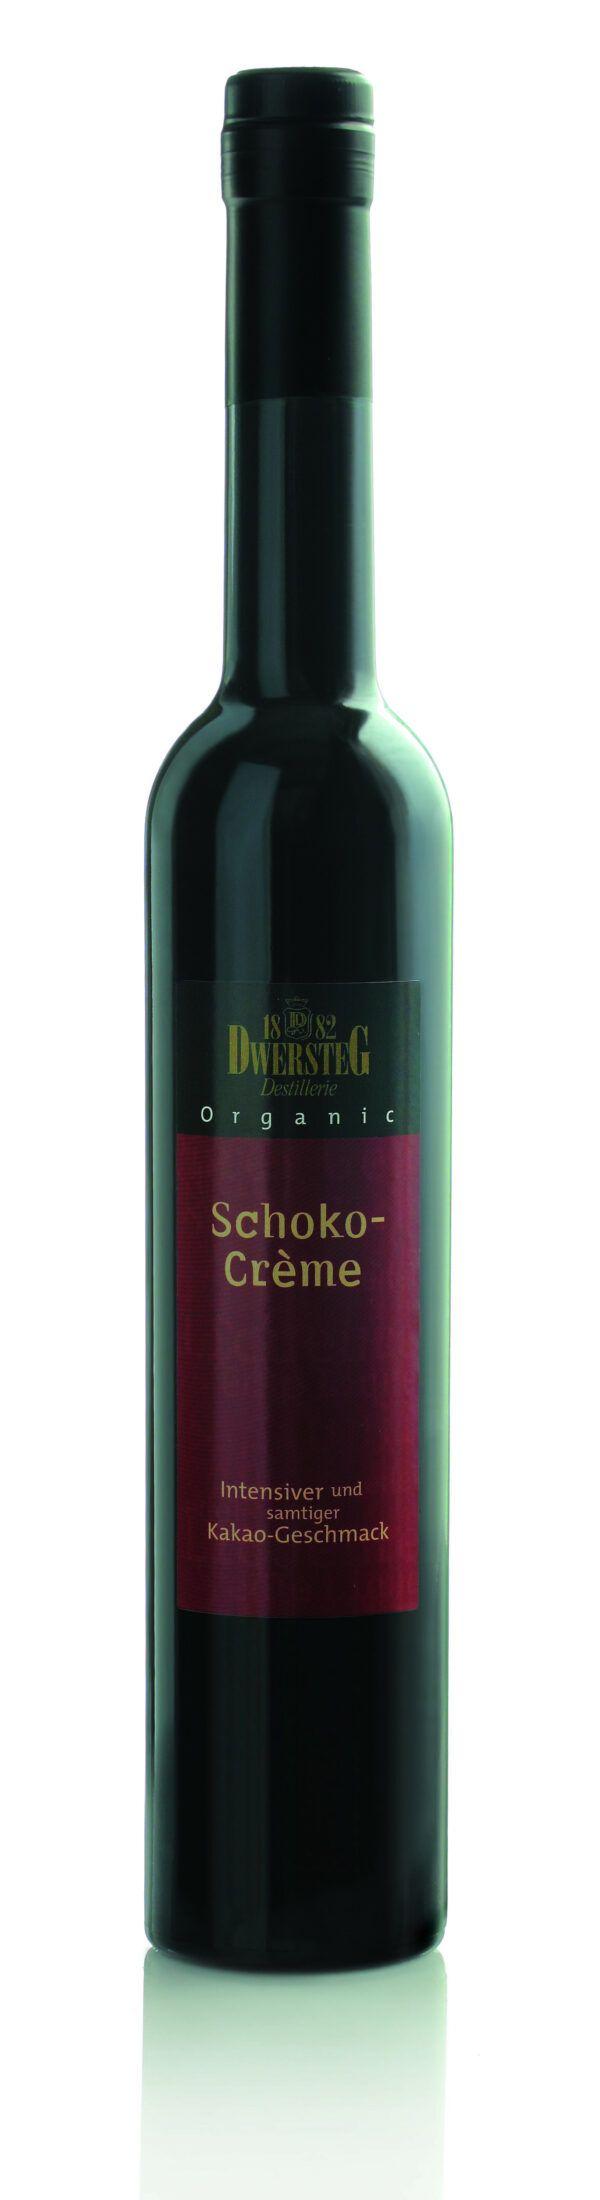 Dwersteg Organic Schoko-Créme 0,5l